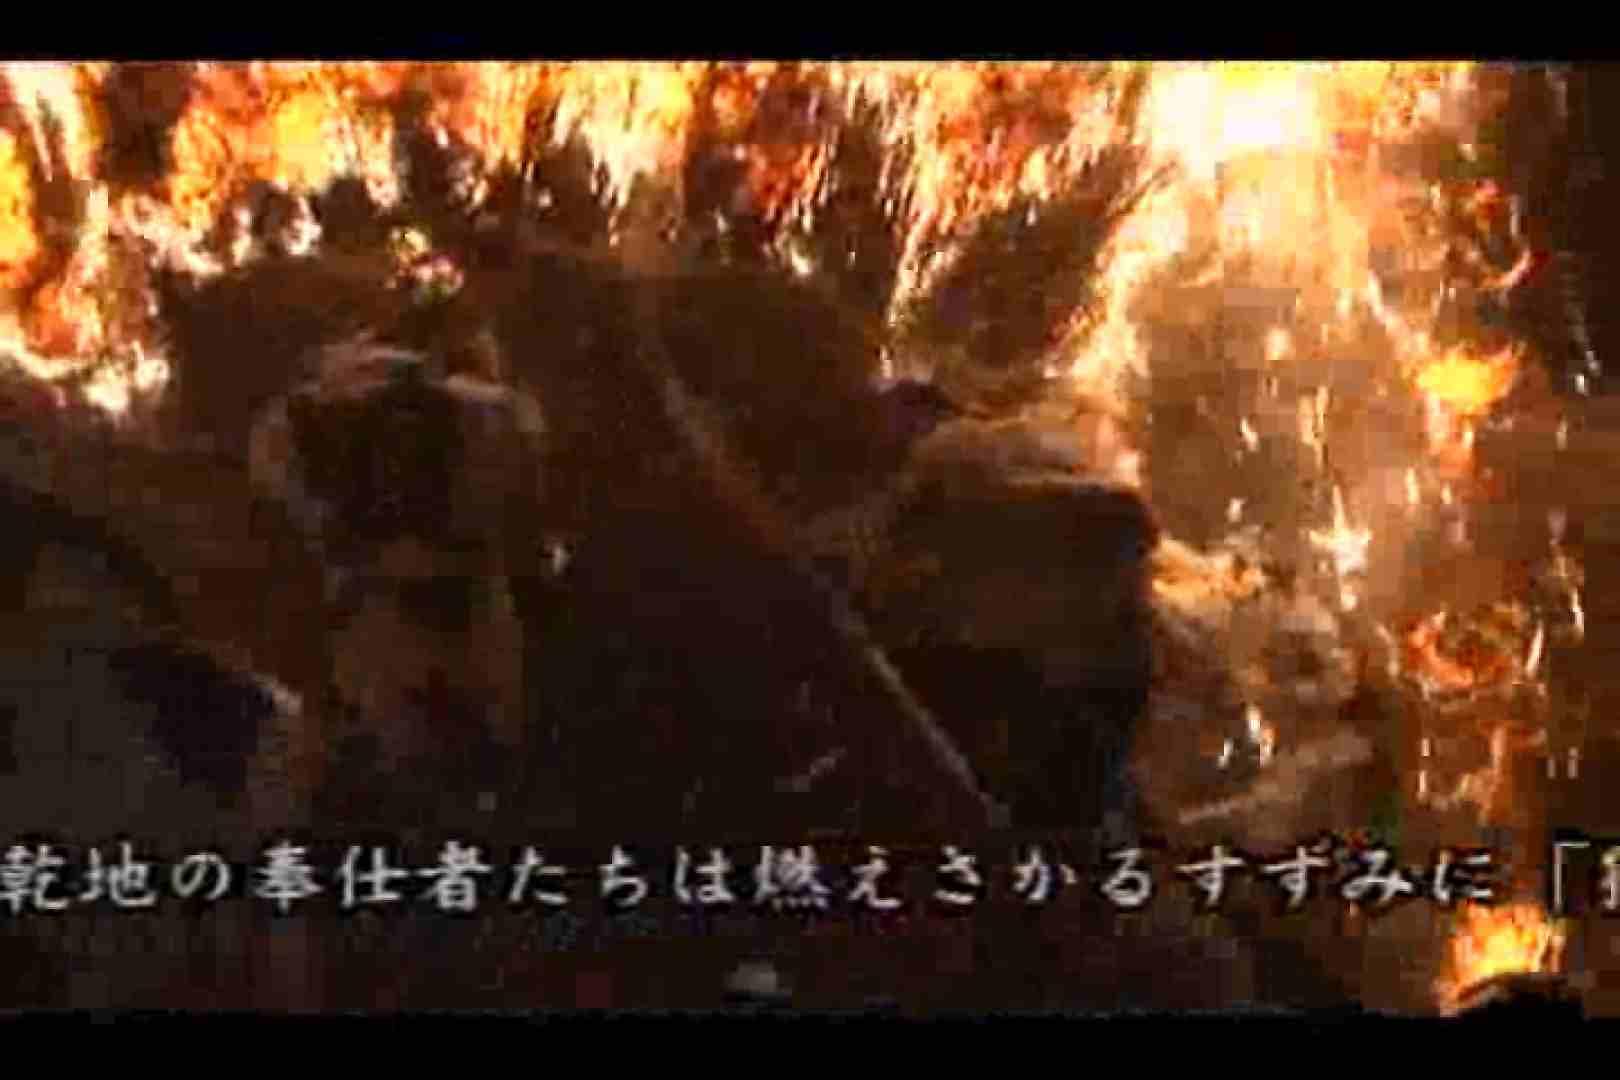 鳥羽の火祭り 3000K!高画質バージョンVOL.03 完全無修正版 ゲイフリーエロ画像 84枚 37